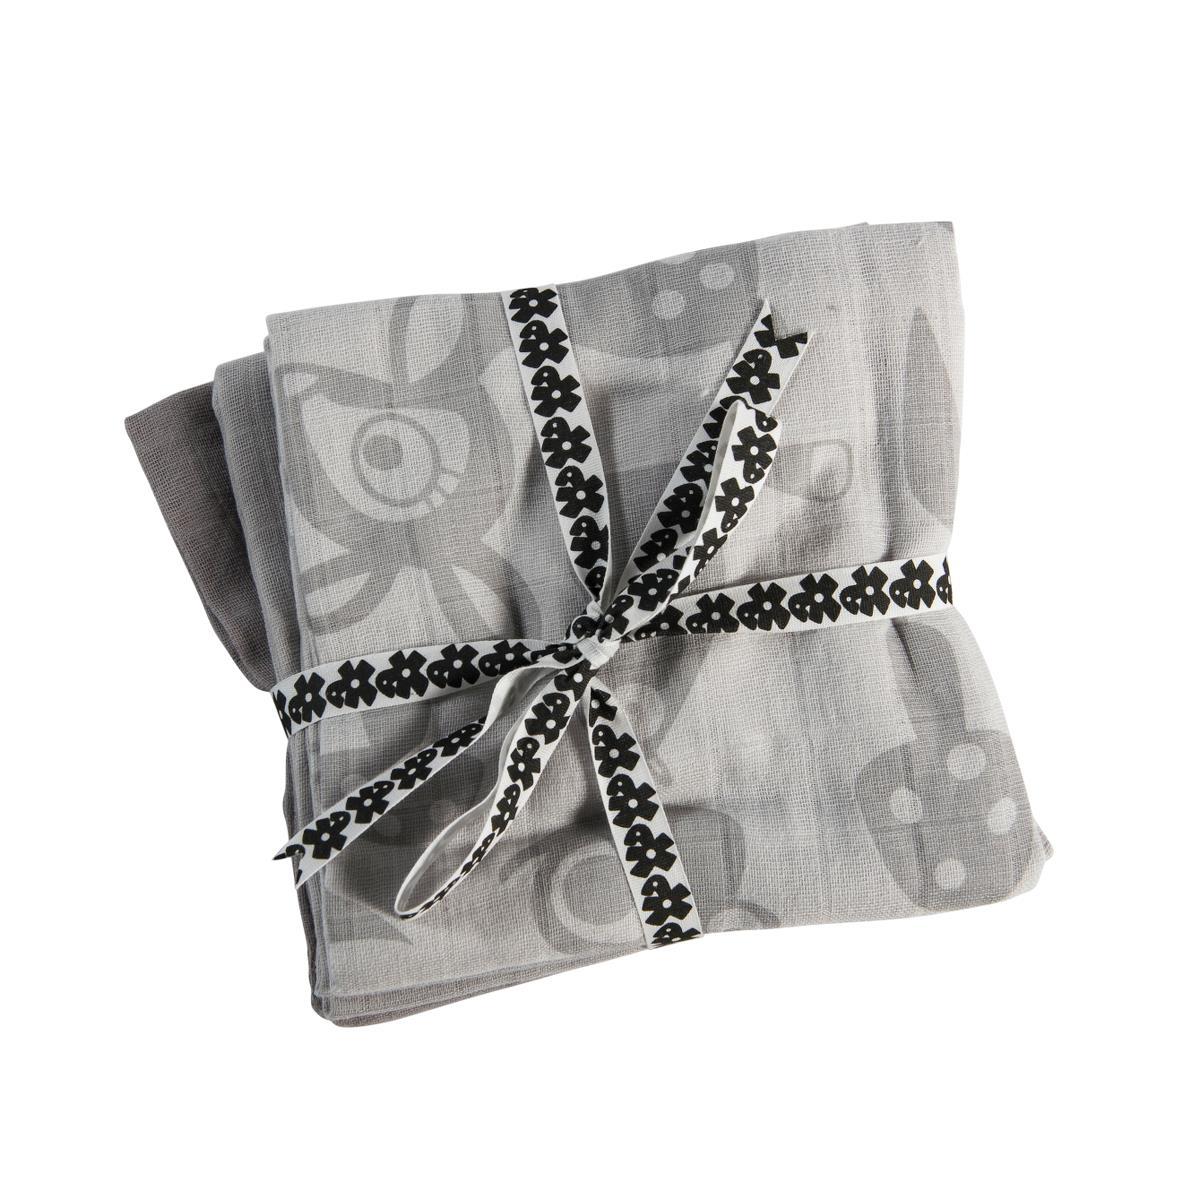 Sebra Forest Muslinfilt 3-pack - Grå